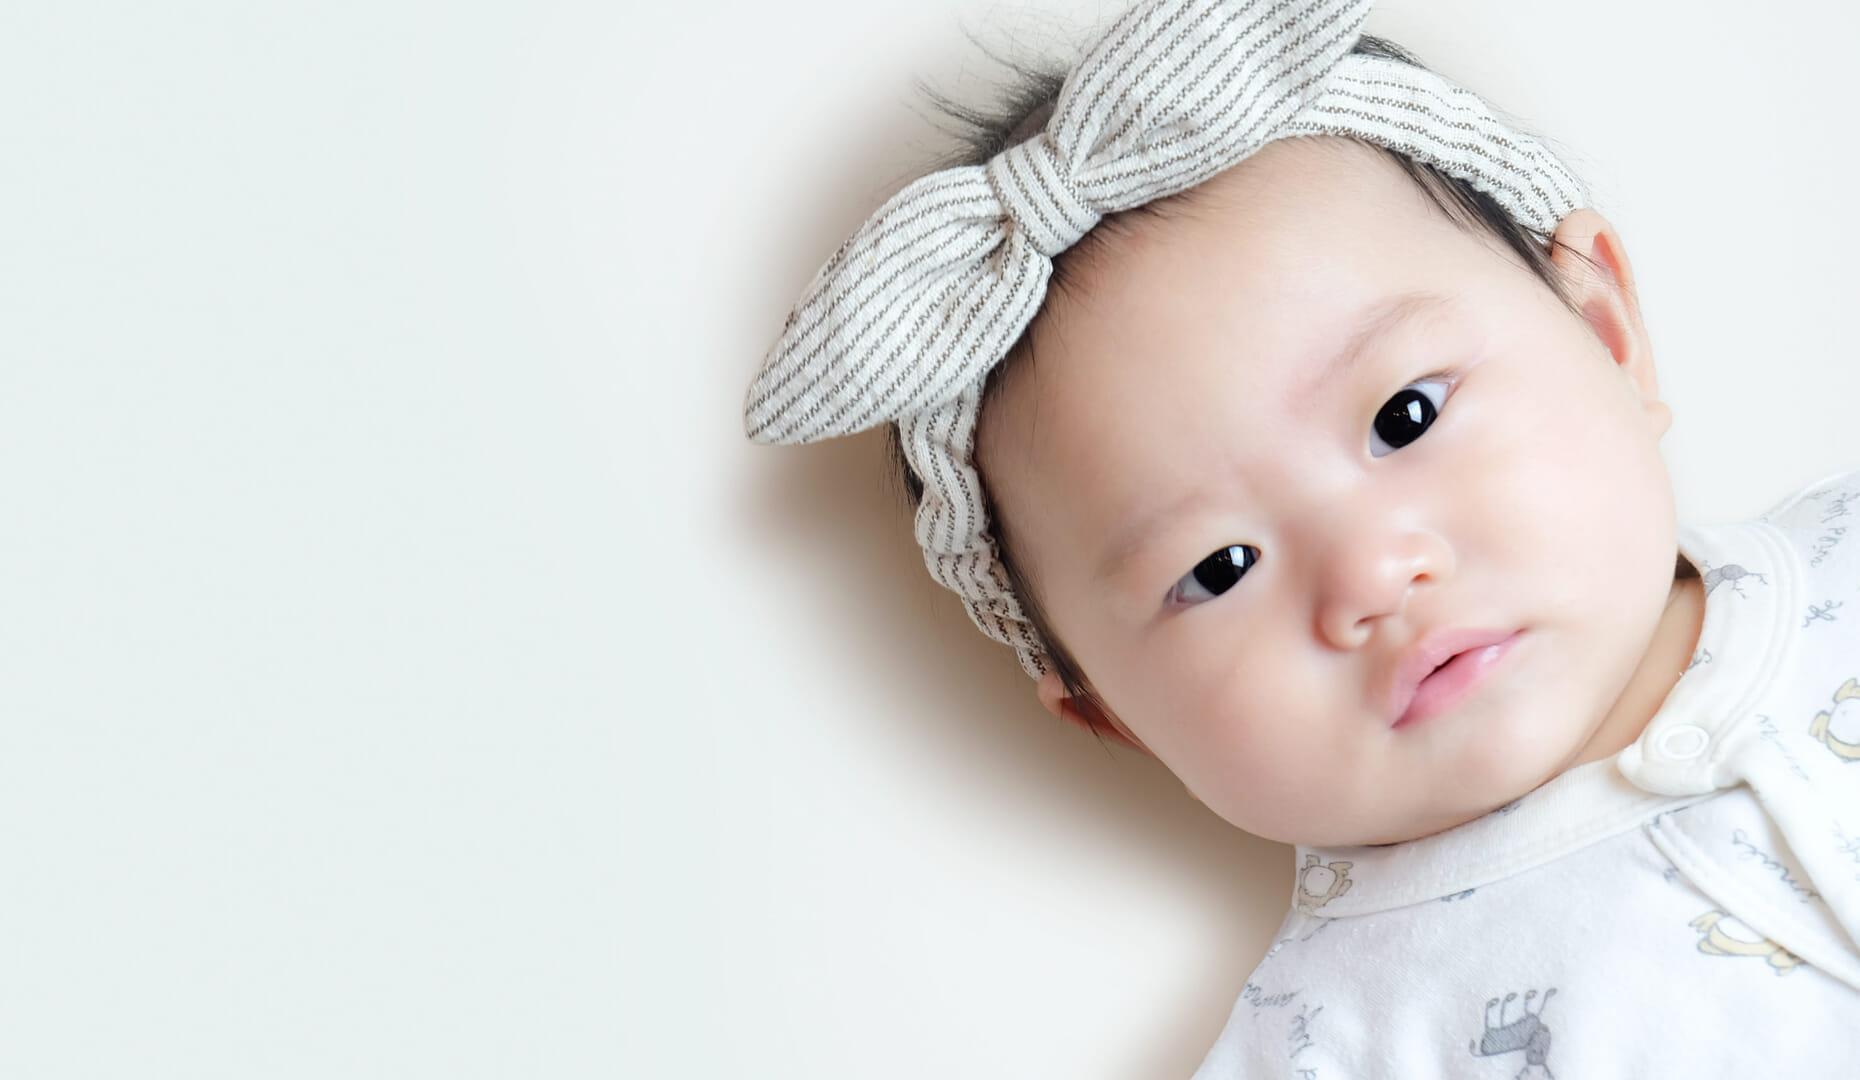 d6fe04df84b64 女の子の赤ちゃんにおすすめ。かわいいベビーヘアバンド5選 - トモママ